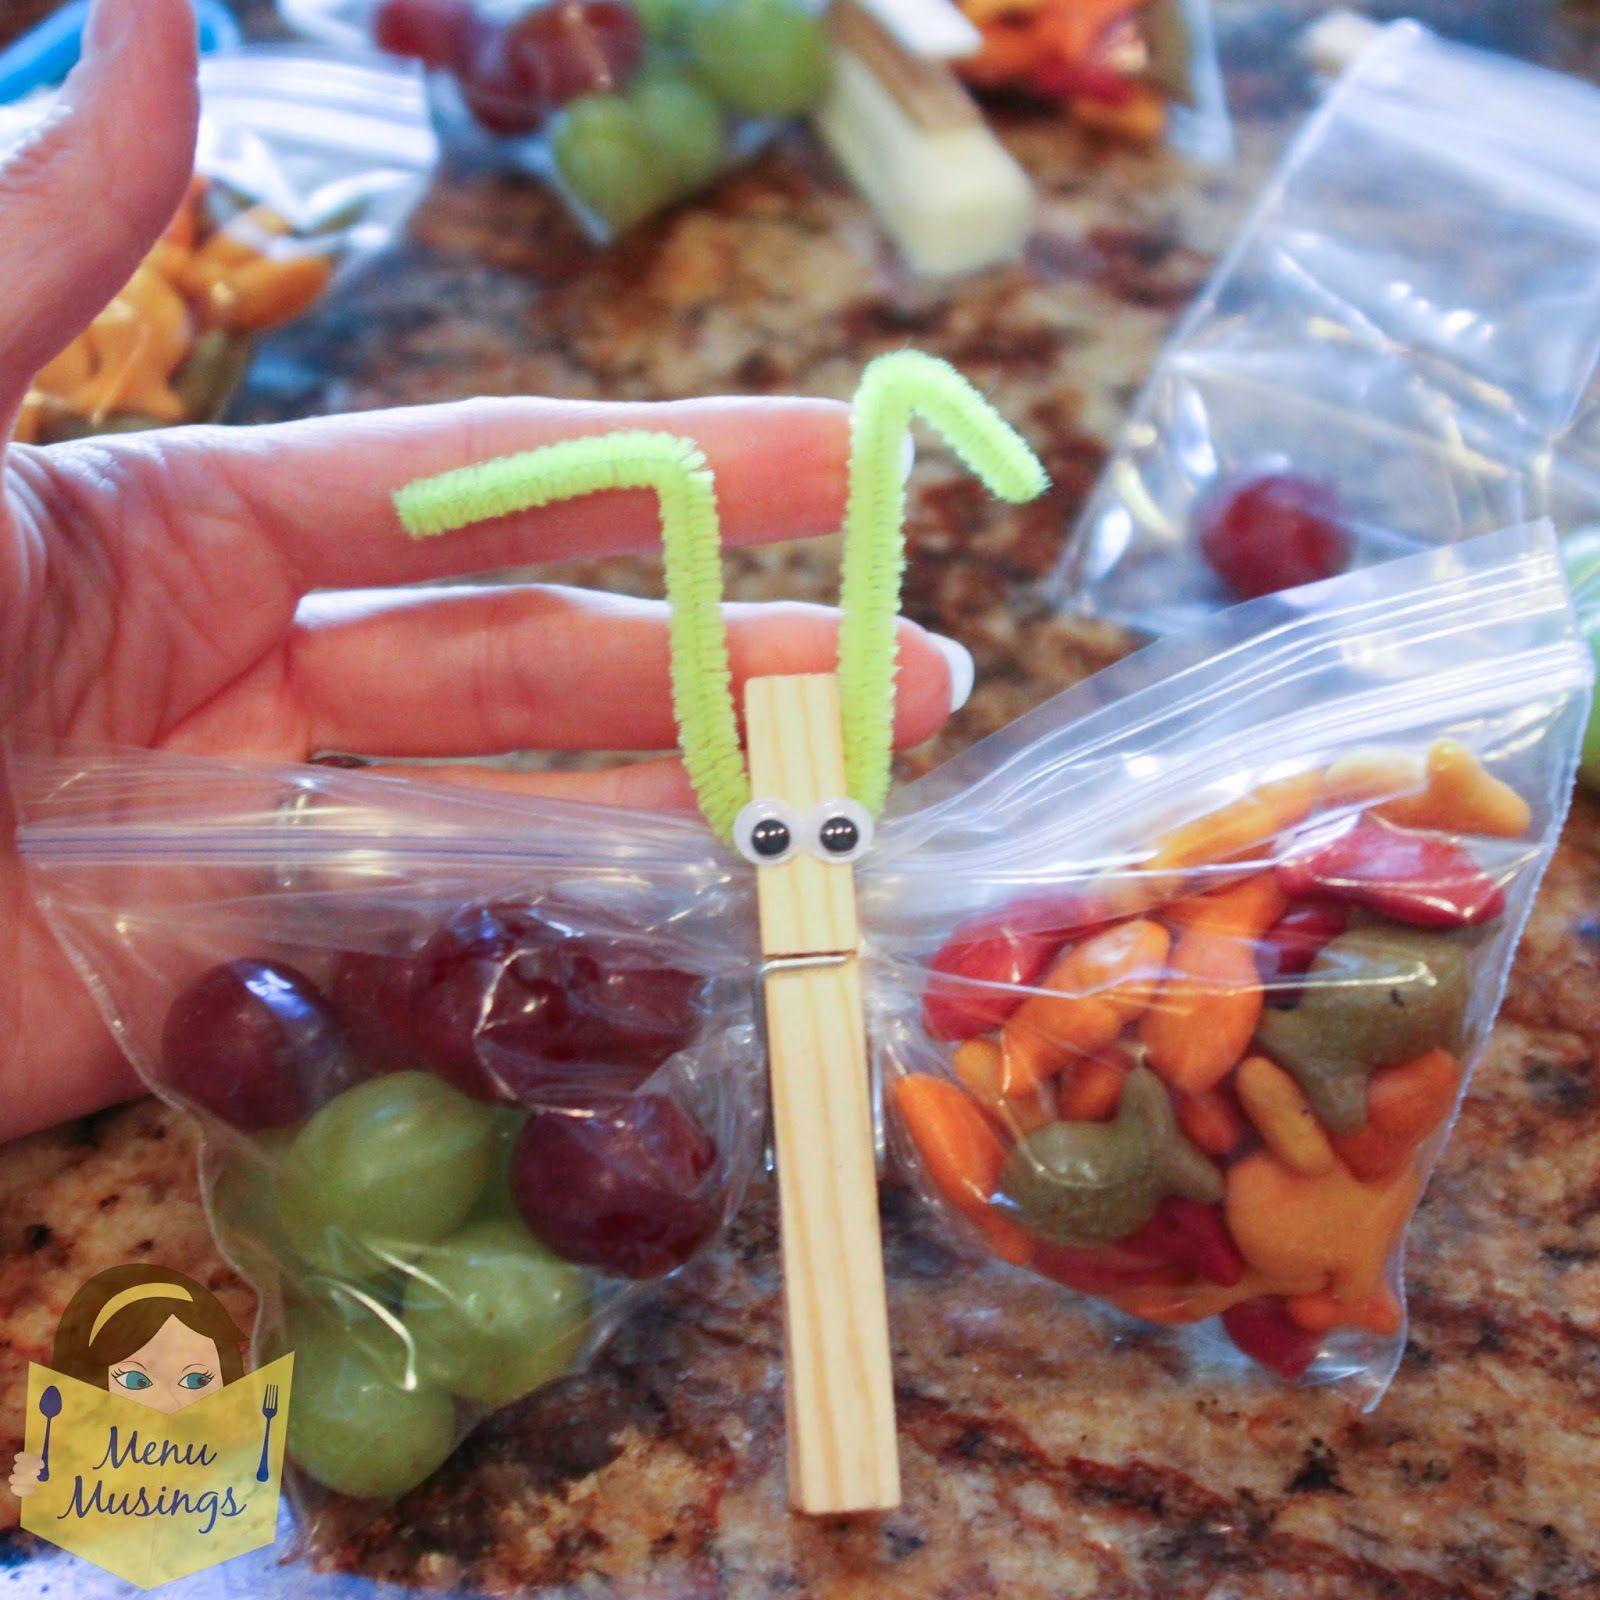 Menu Musings of a Modern American Mom: Butterfly Snack Bags